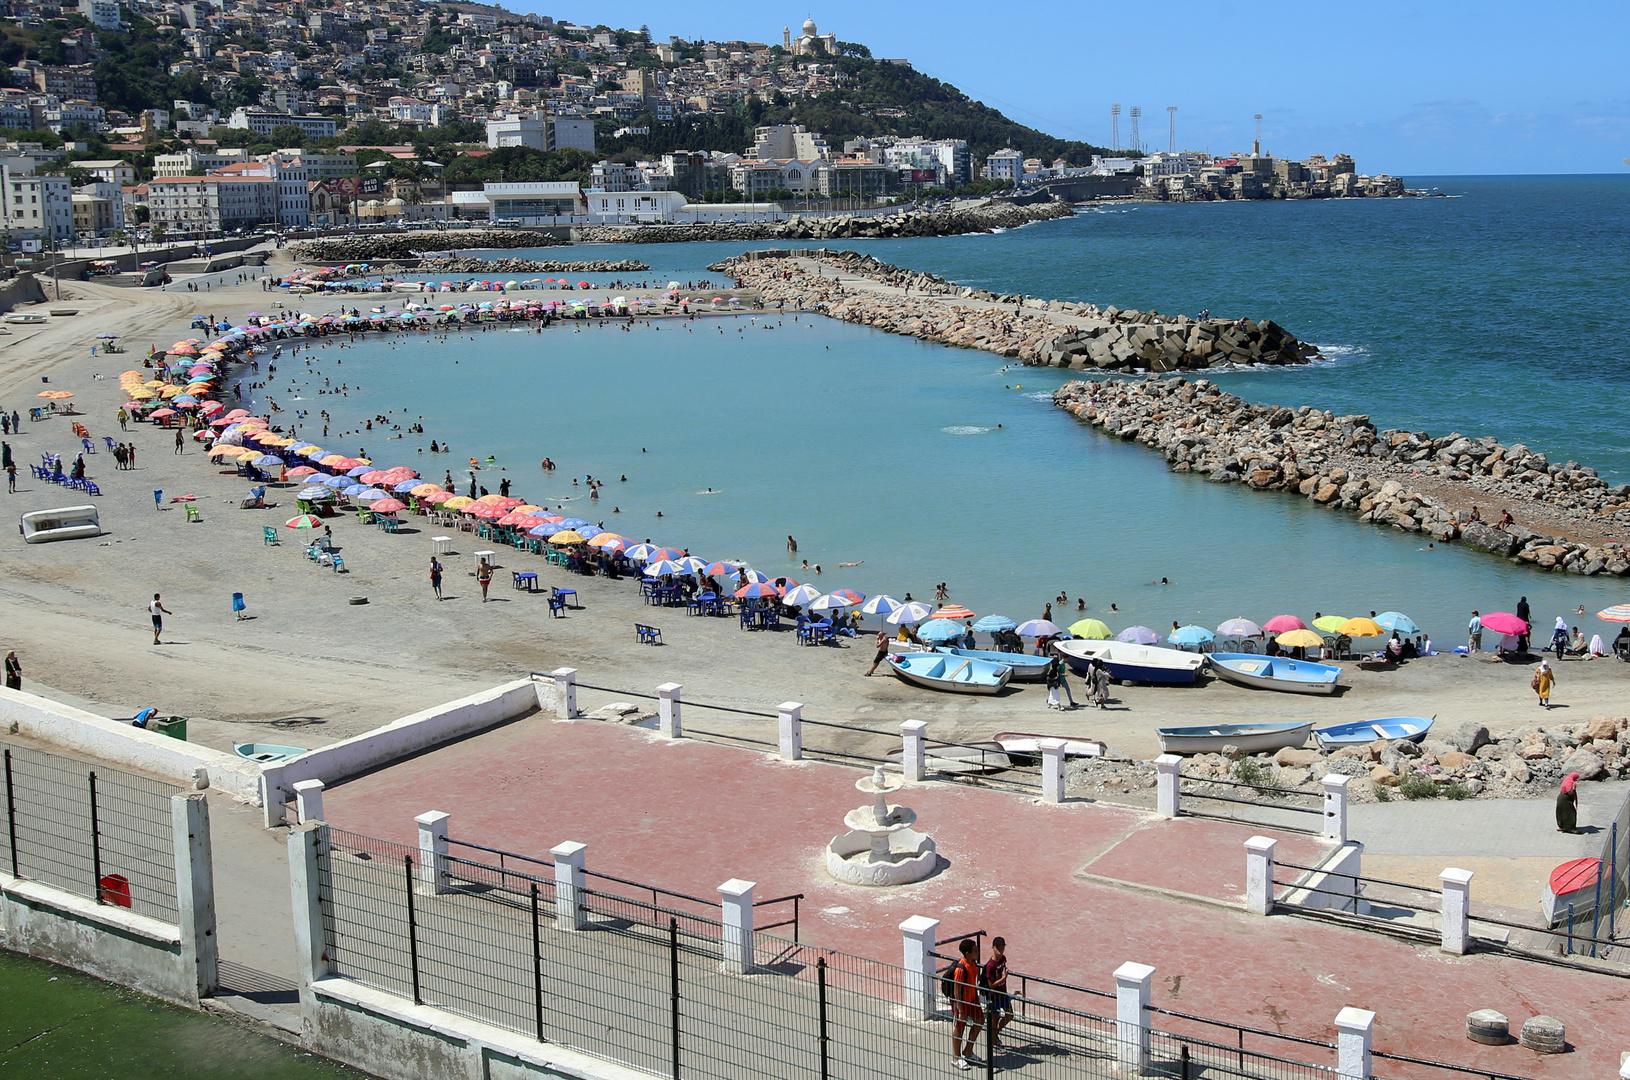 الجزائر.. مسؤول يكشف عن سبب تسمم 149 مواطنا على شاطئ